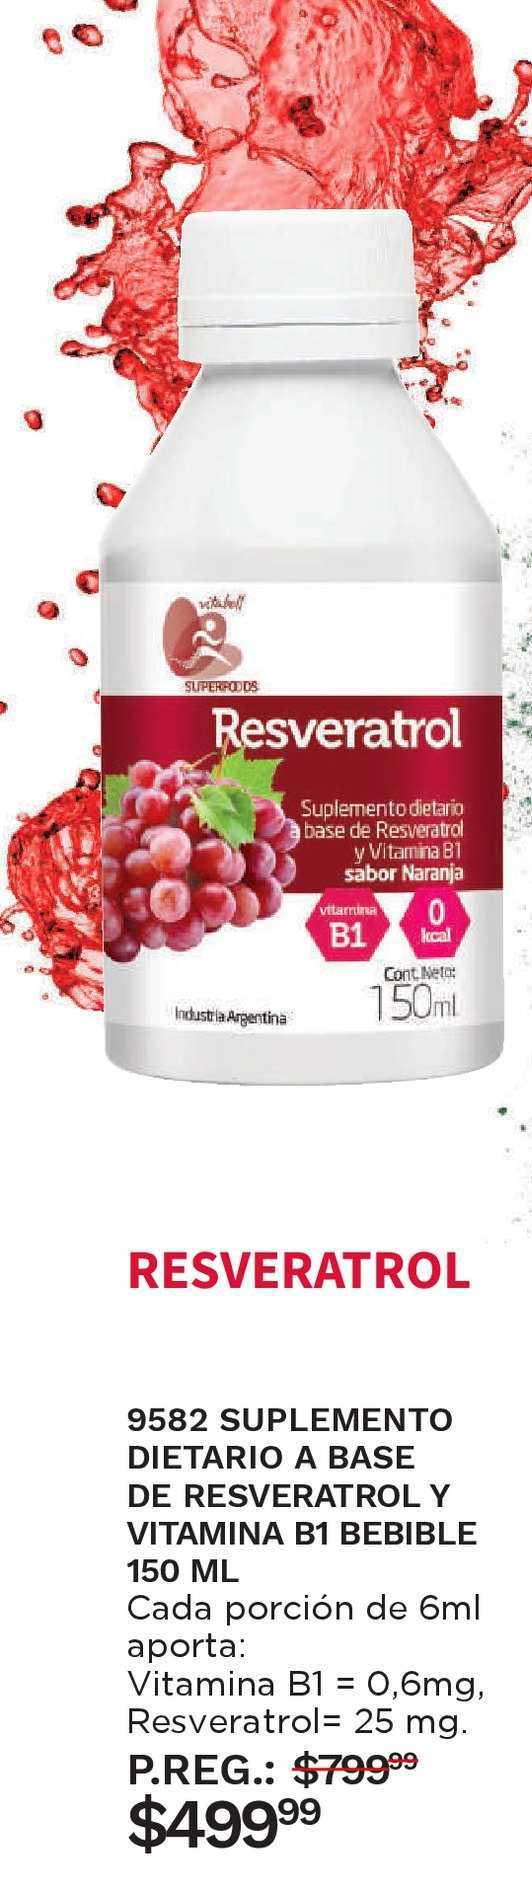 Arbell 9582 Suplemento Dietario A Base De Resveratrol Y Vitamina B1 Bebible